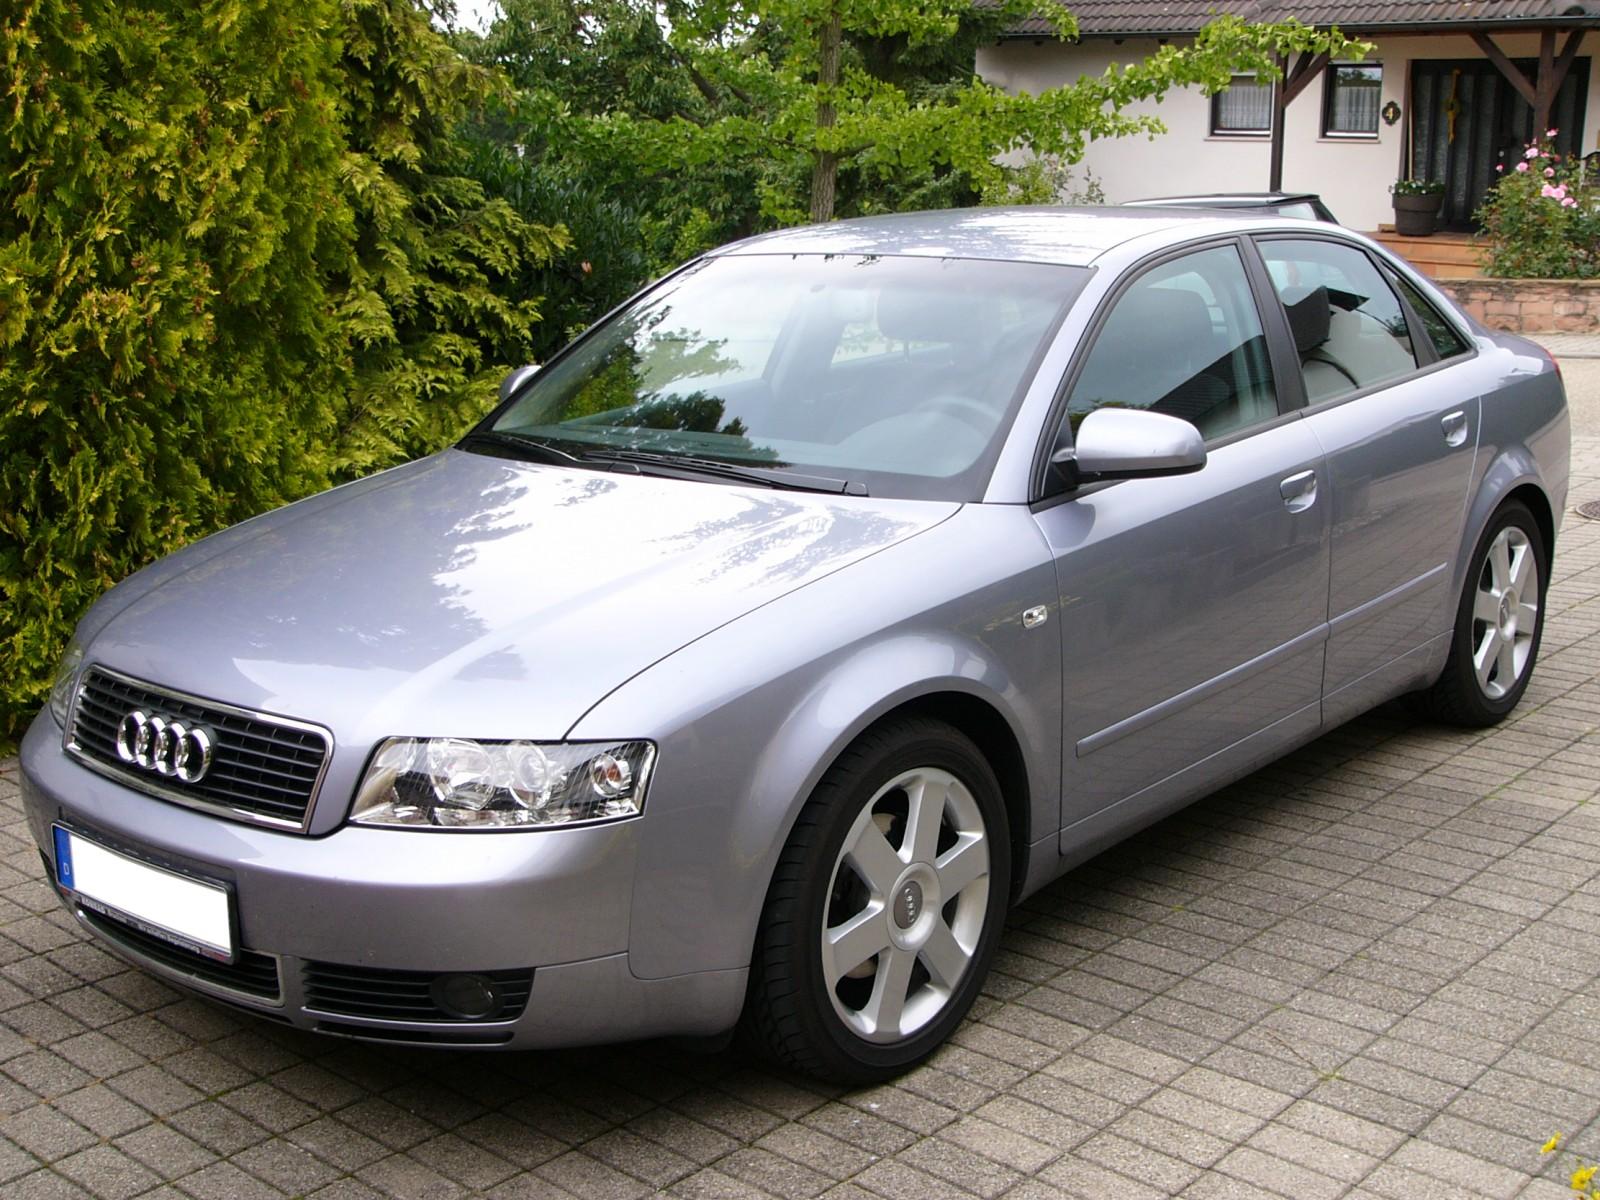 Audi A4 Wiki >> Audi A4 - это... Что такое Audi A4?